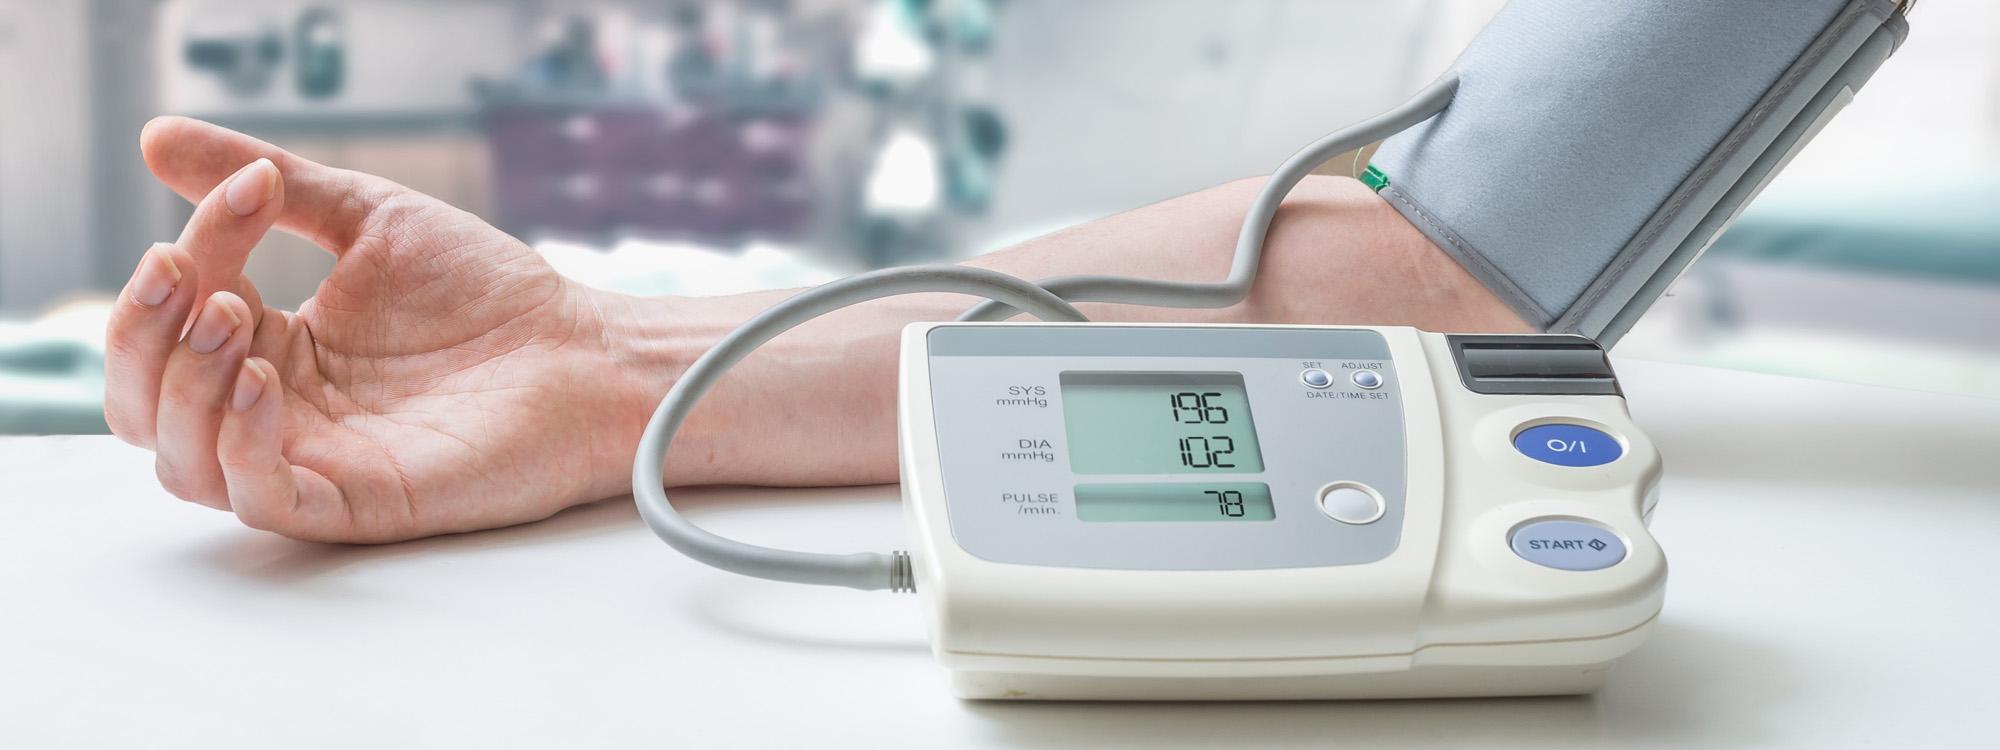 Wie messe ich richtig meinen Blutdruck? - Herz bewegt